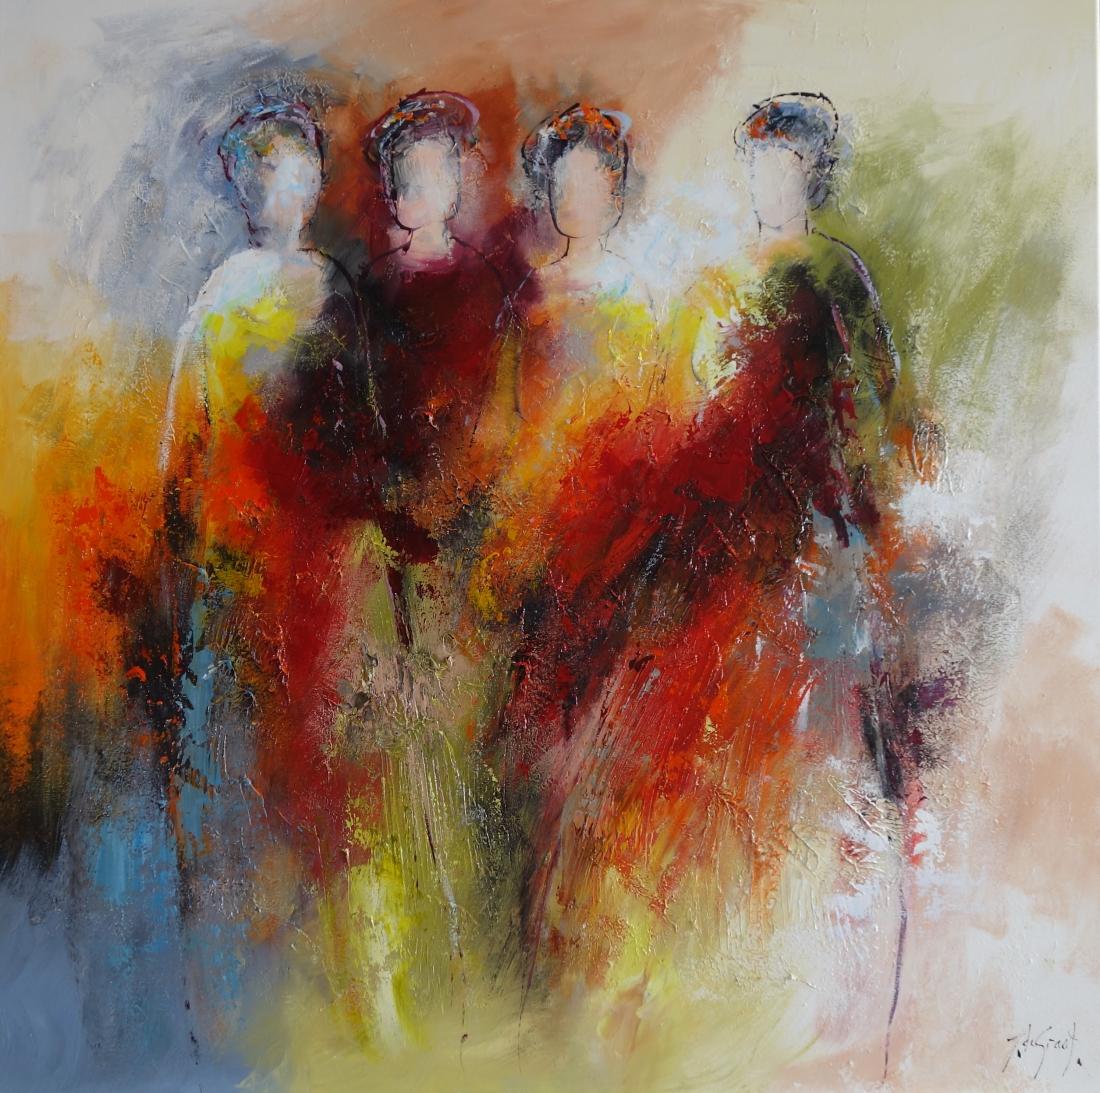 Schilderij figuratief 100x100